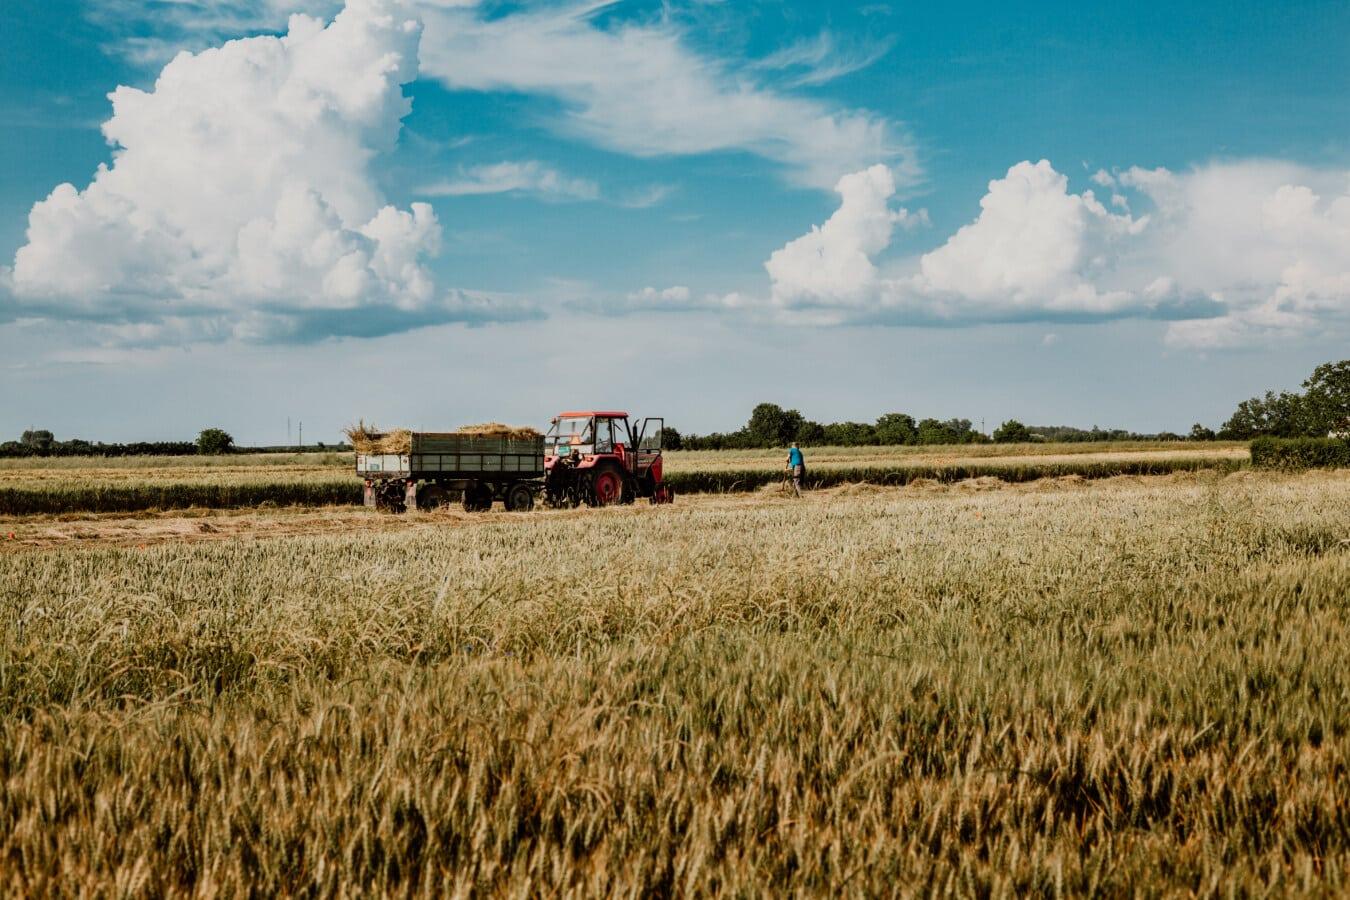 Hay, champ de foin, tracteur, botte de foin, agriculteur, homme, les terres agricoles, opilion, harvest, composant de collecte